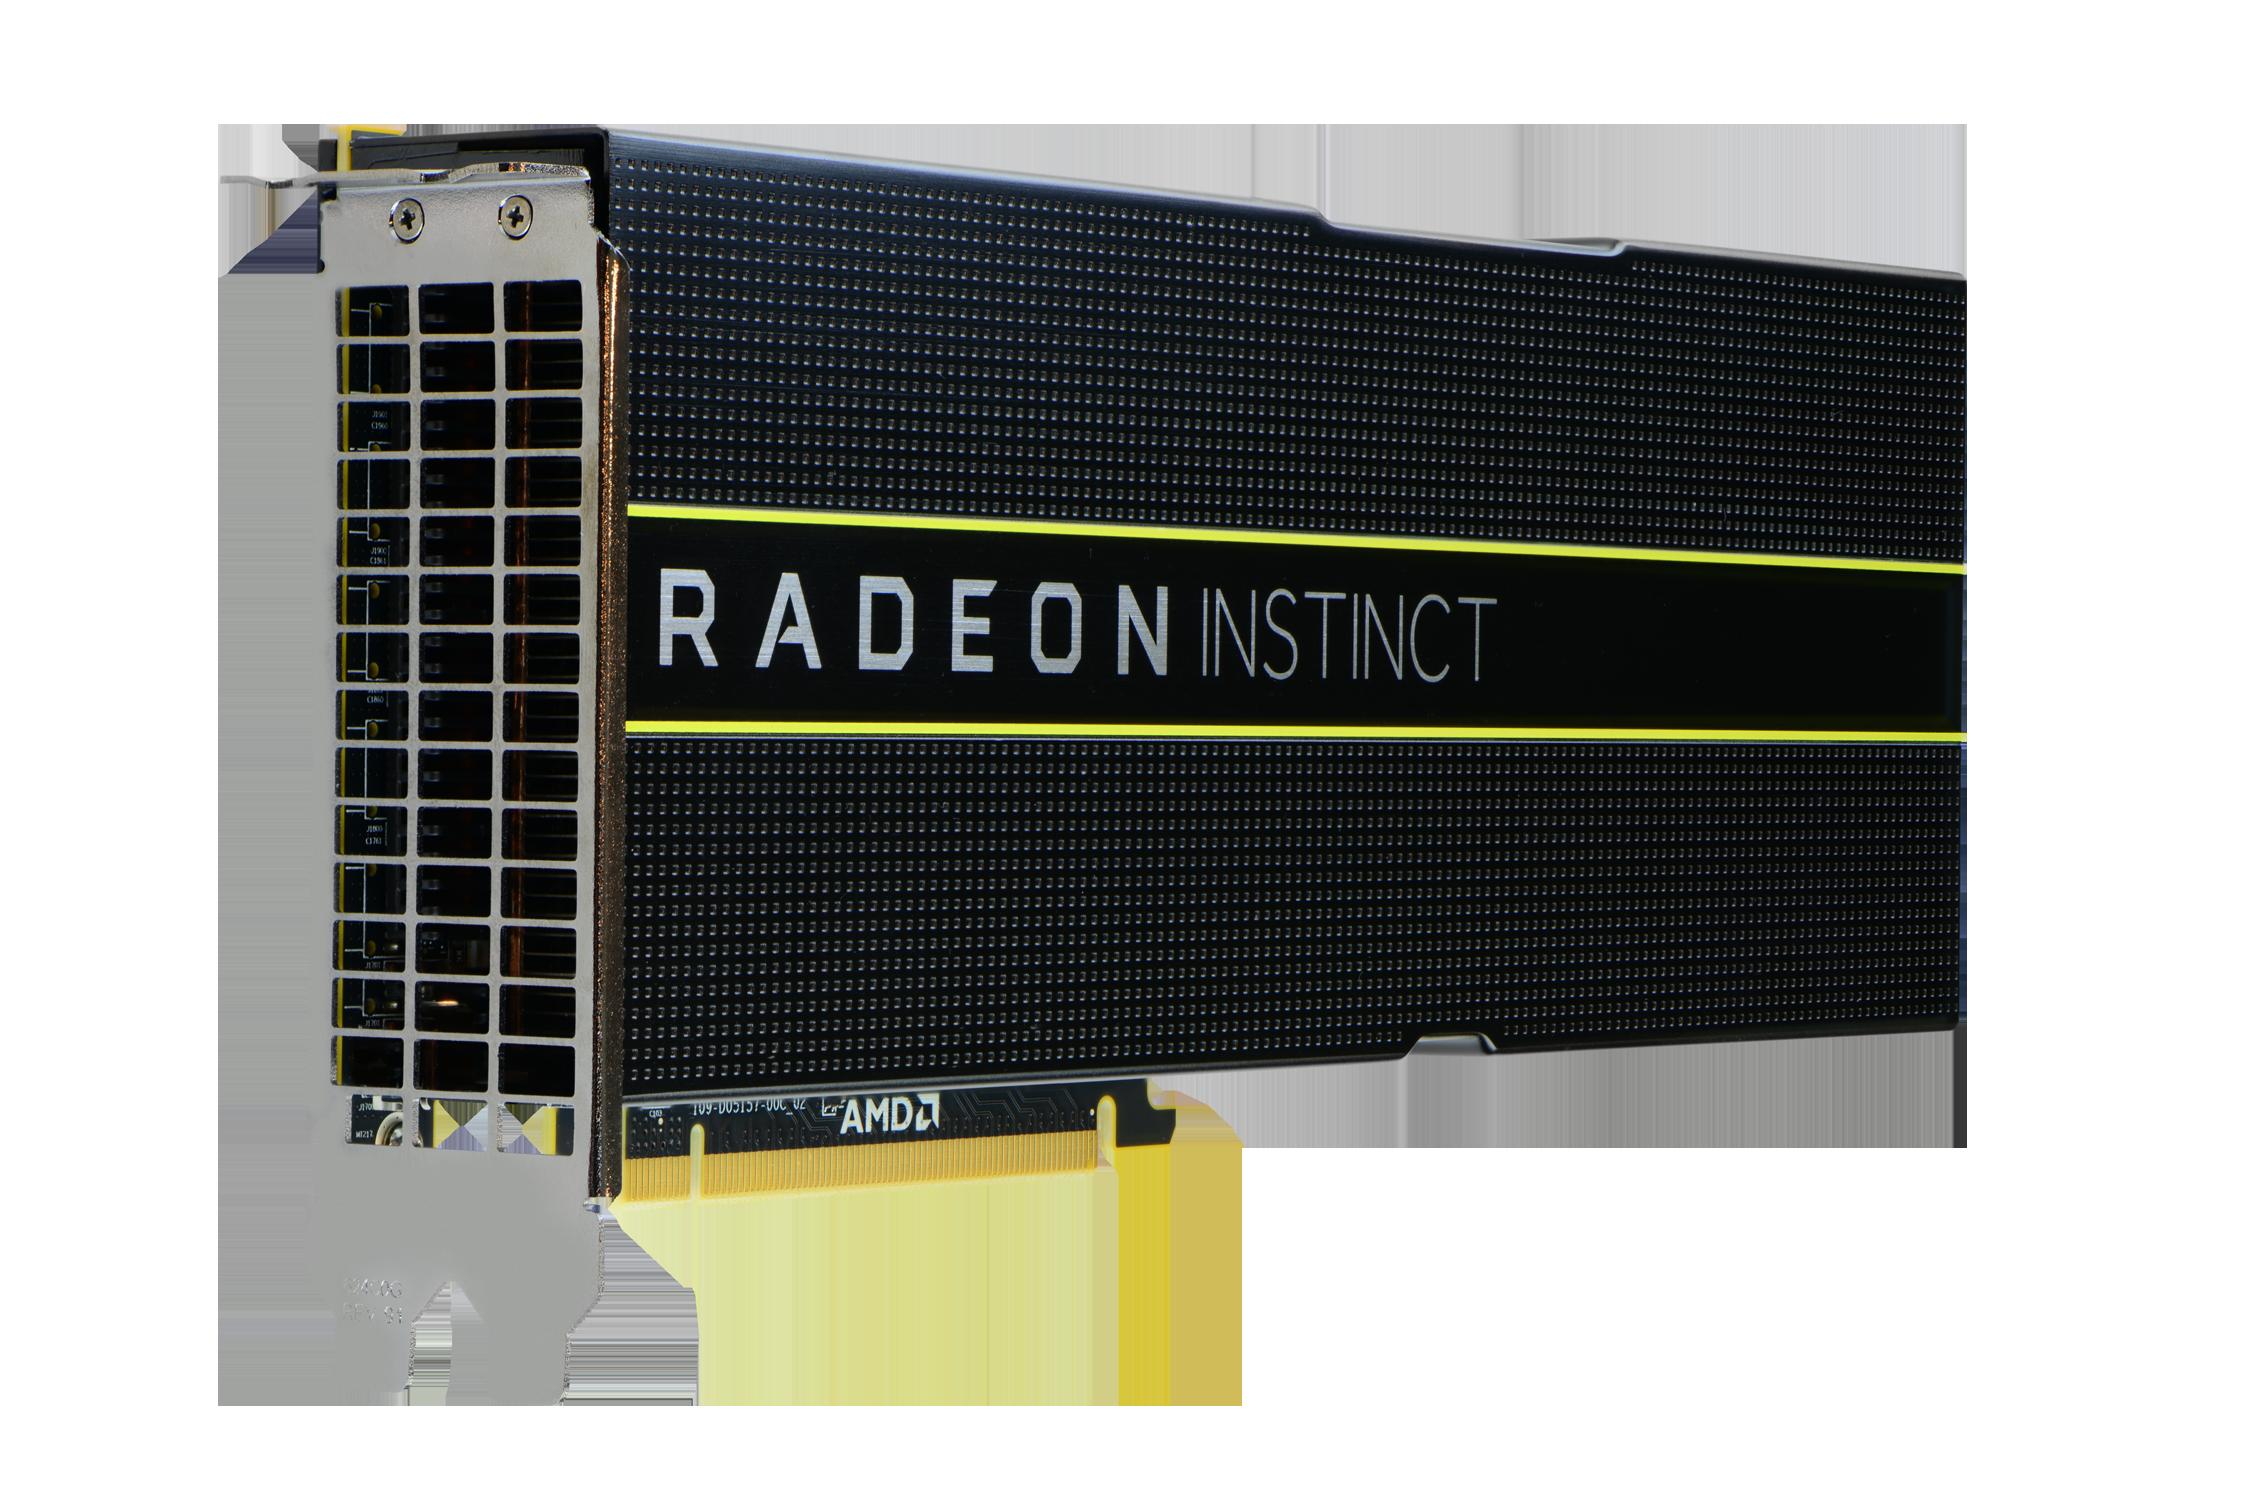 Masini Inteligente: Acceleratoarele Radeon Instinct cu HBM2 ECC